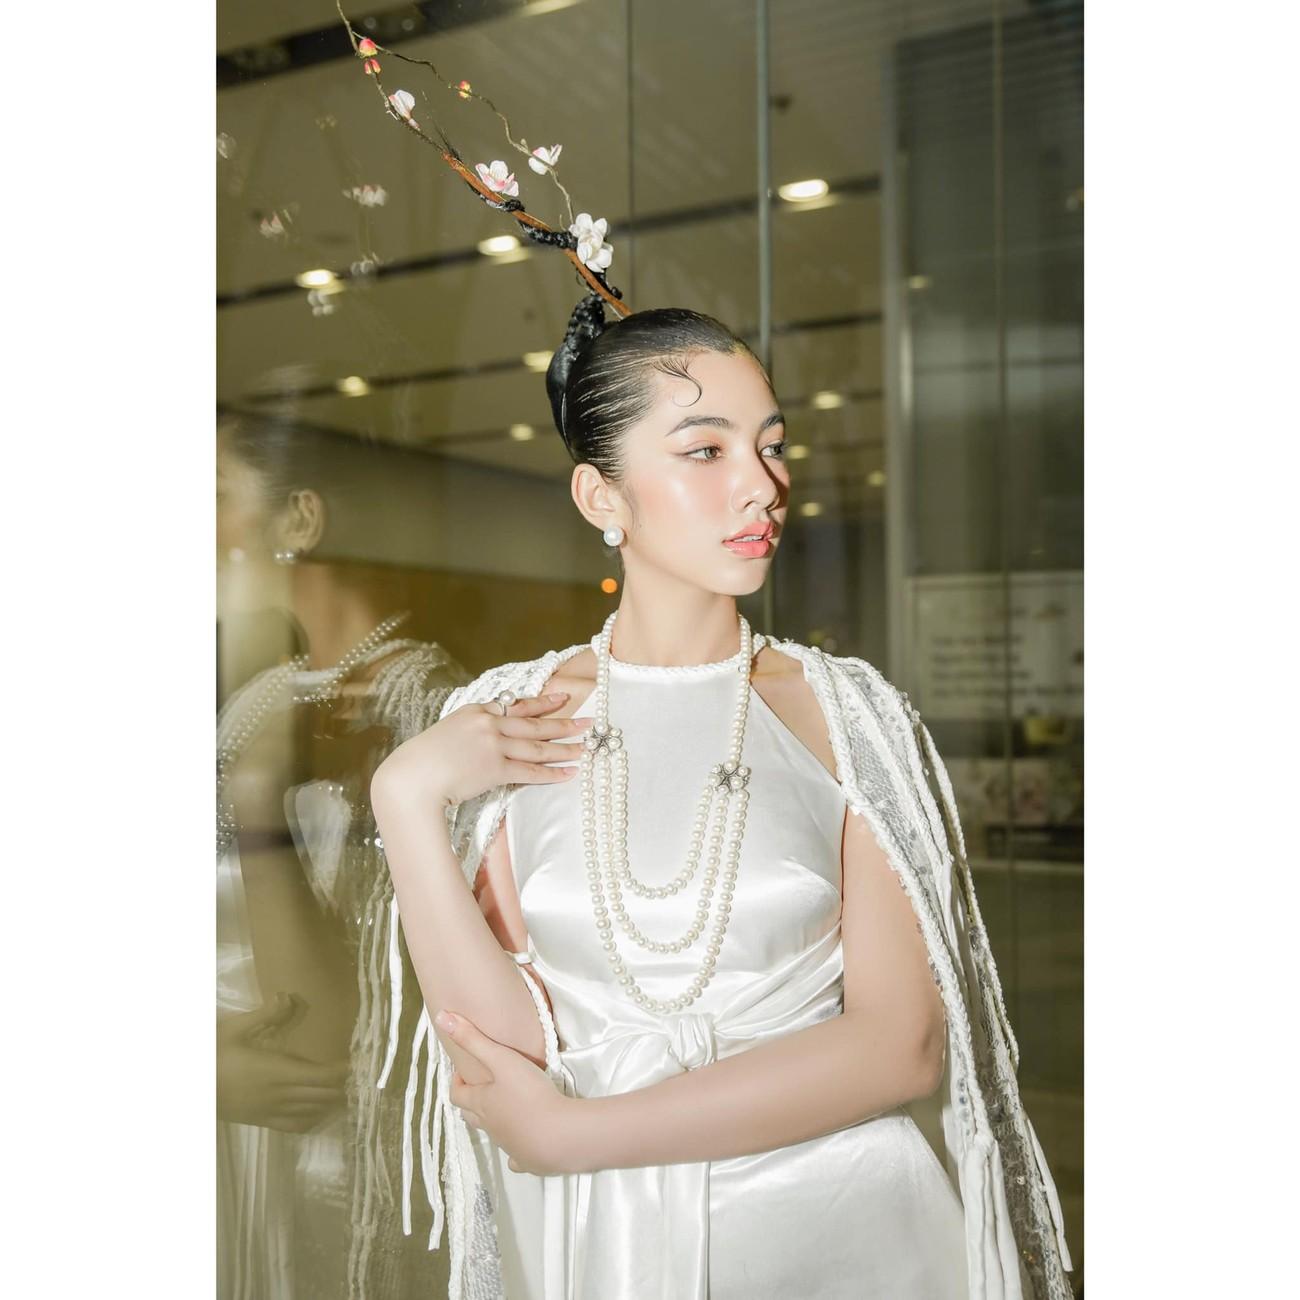 Người đẹp Cẩm Đan diện áo yếm gợi cảm kiêu kỳ ảnh 6